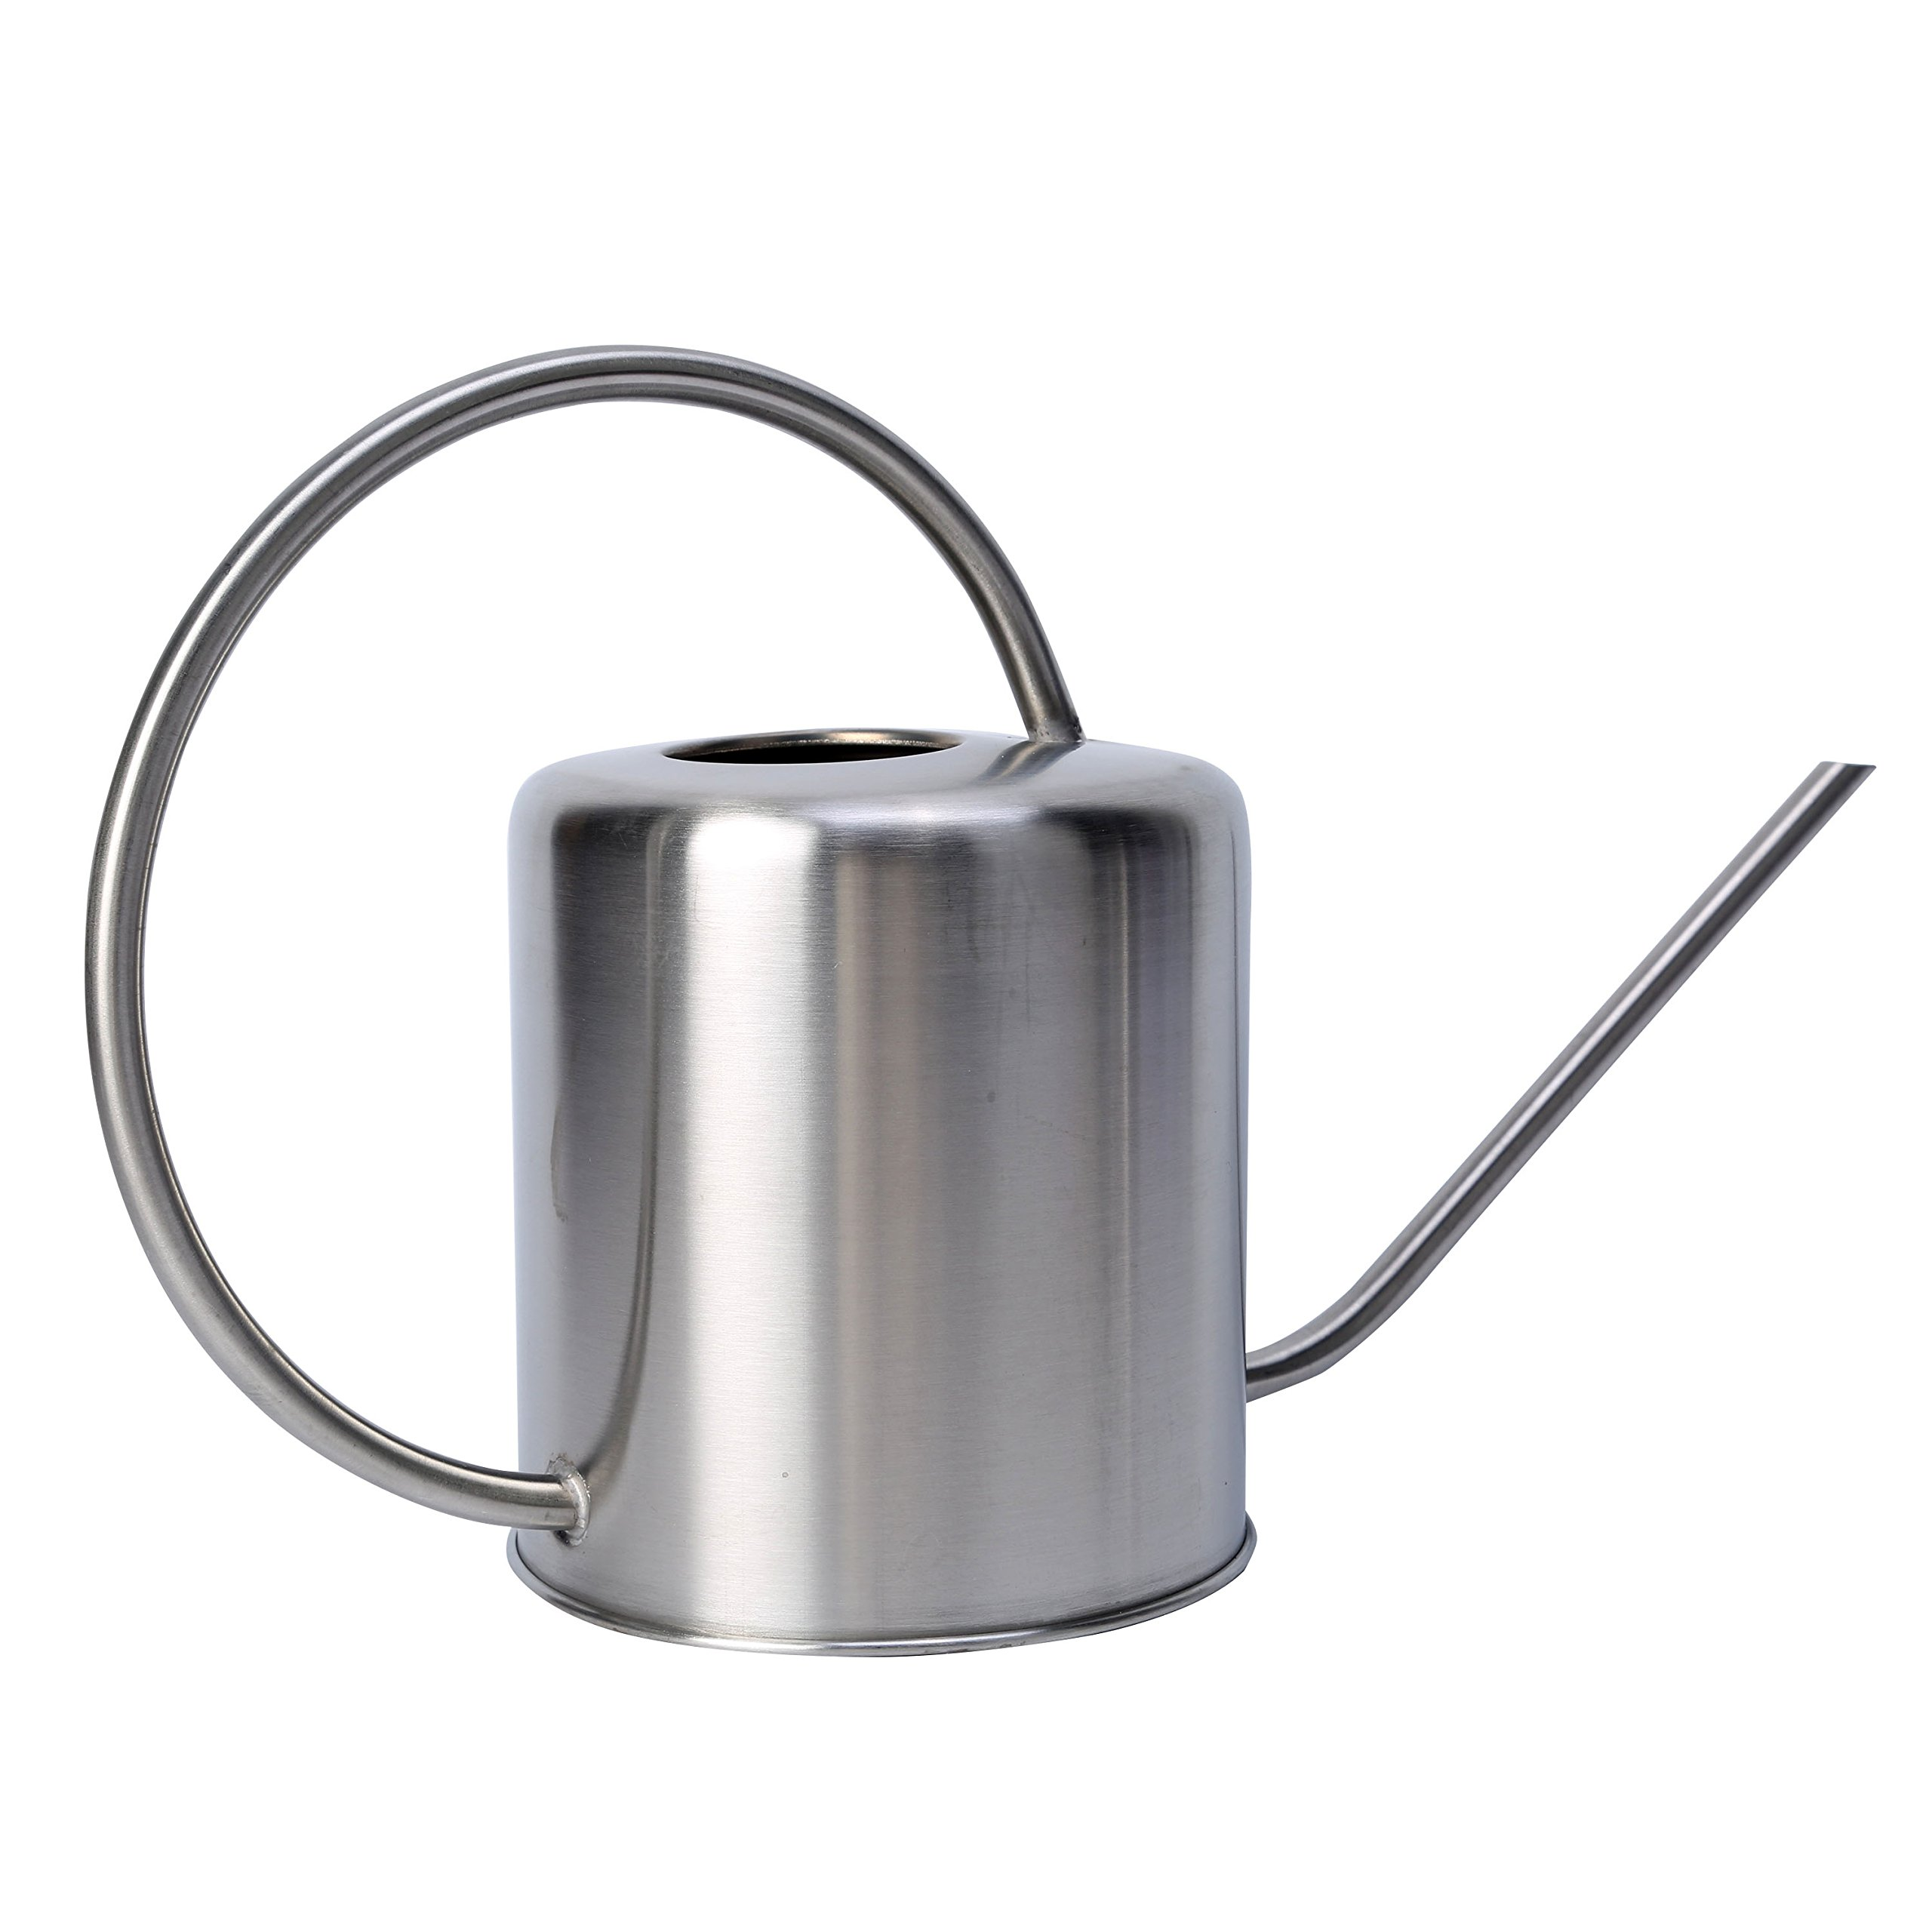 Asvert Stainless Steel Watering Can (50 oz)